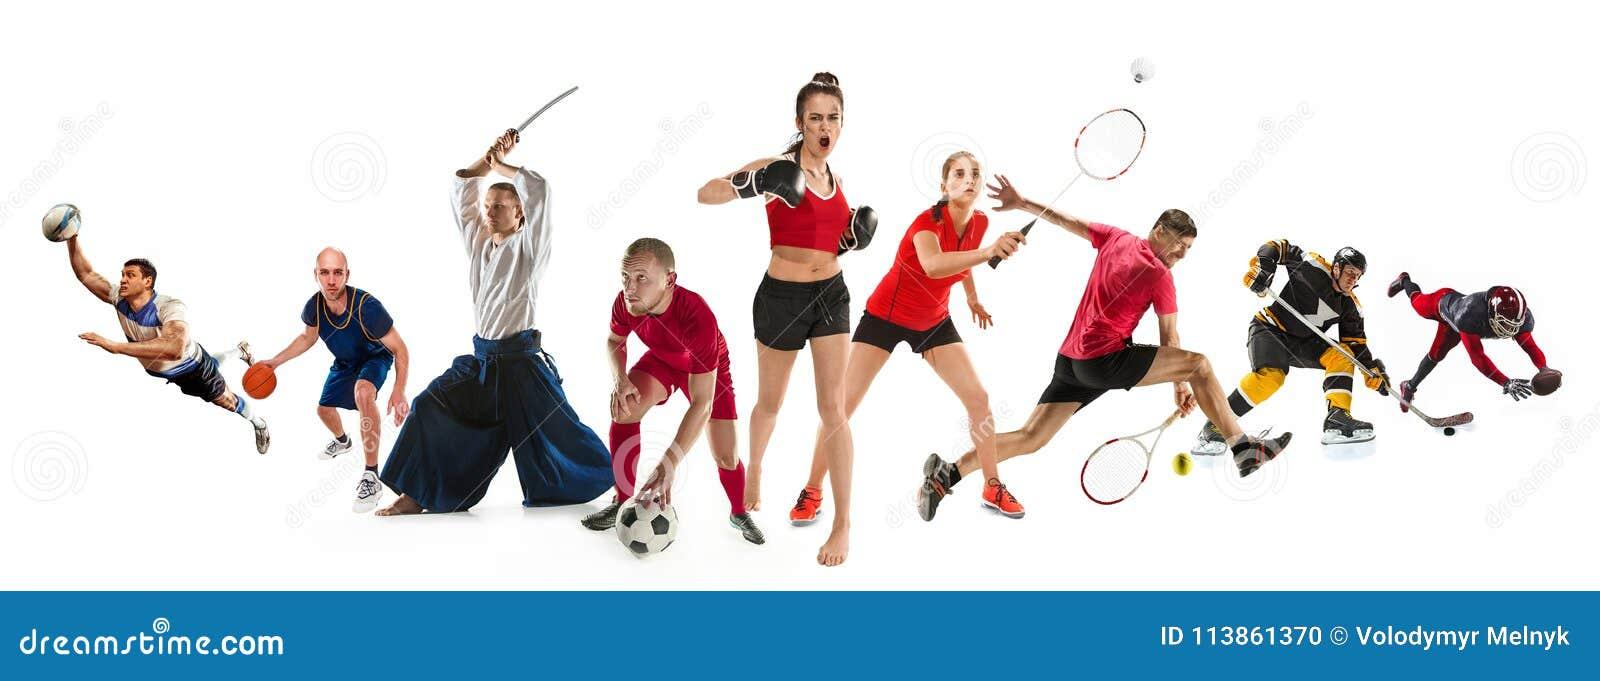 Diviértase el collage sobre kickboxing, fútbol, fútbol americano, baloncesto, hockey sobre hielo, bádminton, aikido, tenis, rugbi